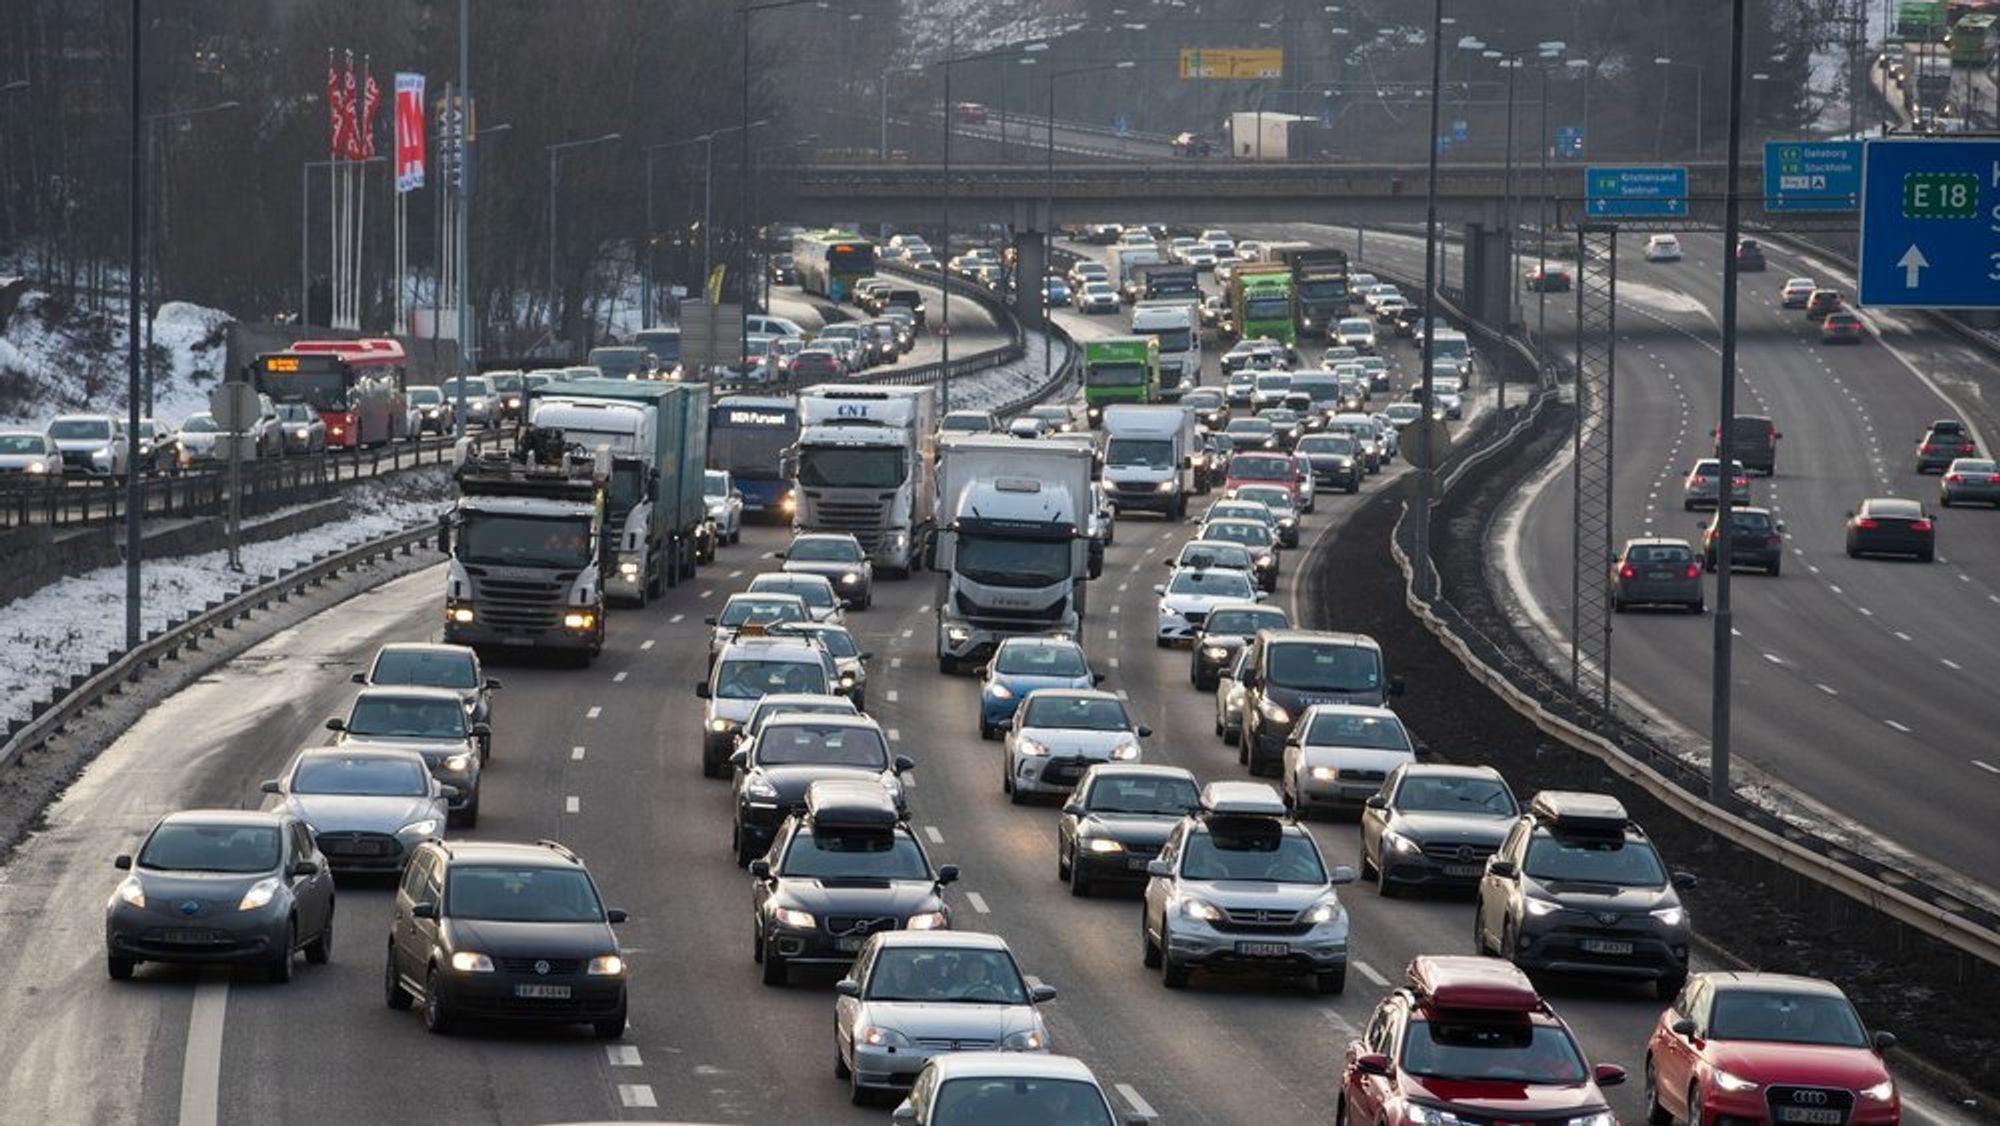 En rekke bilprodusenter mistenkes for å ha avtalt å ikke konkurrere mot hverandre i utviklingen av utslippsteknologi for biler.